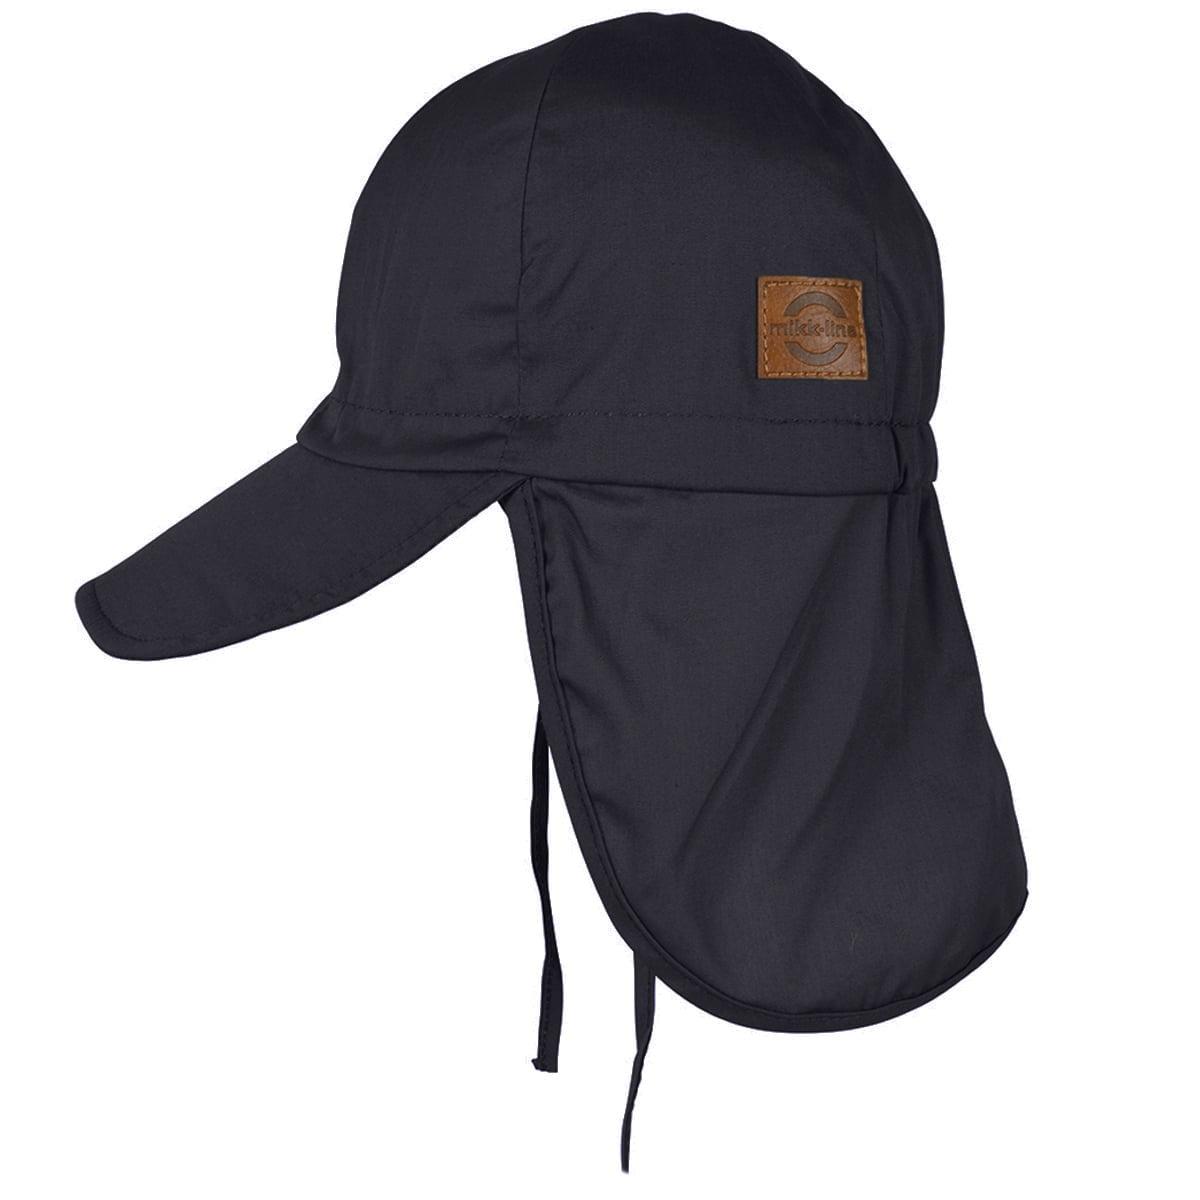 Pălărie de soare model pompier din bumbac UV 50+ Blue Nights Mikk-Line